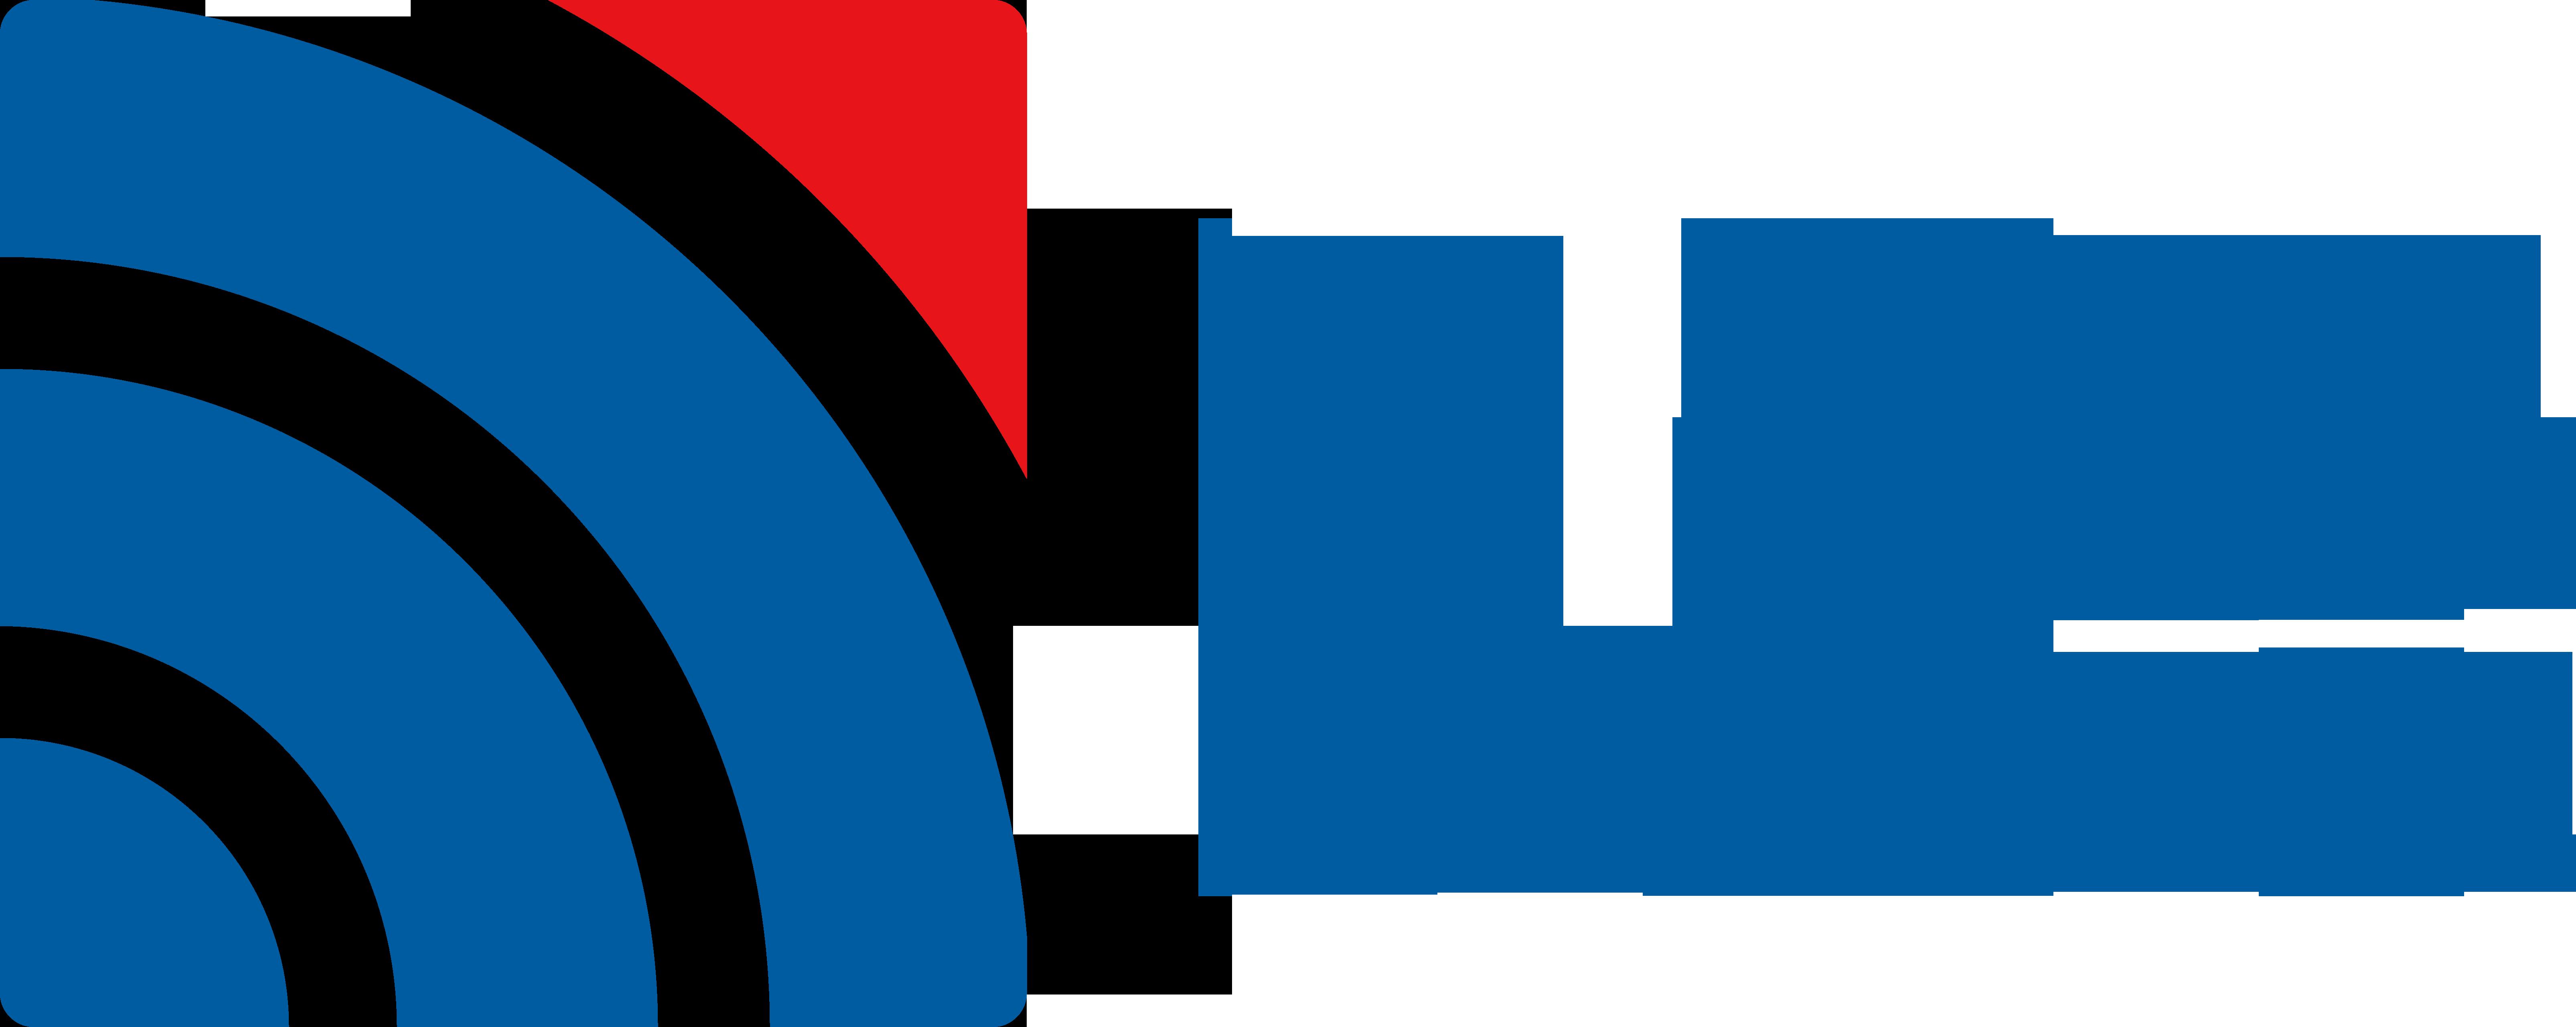 因索思(北京)信息技术有限公司